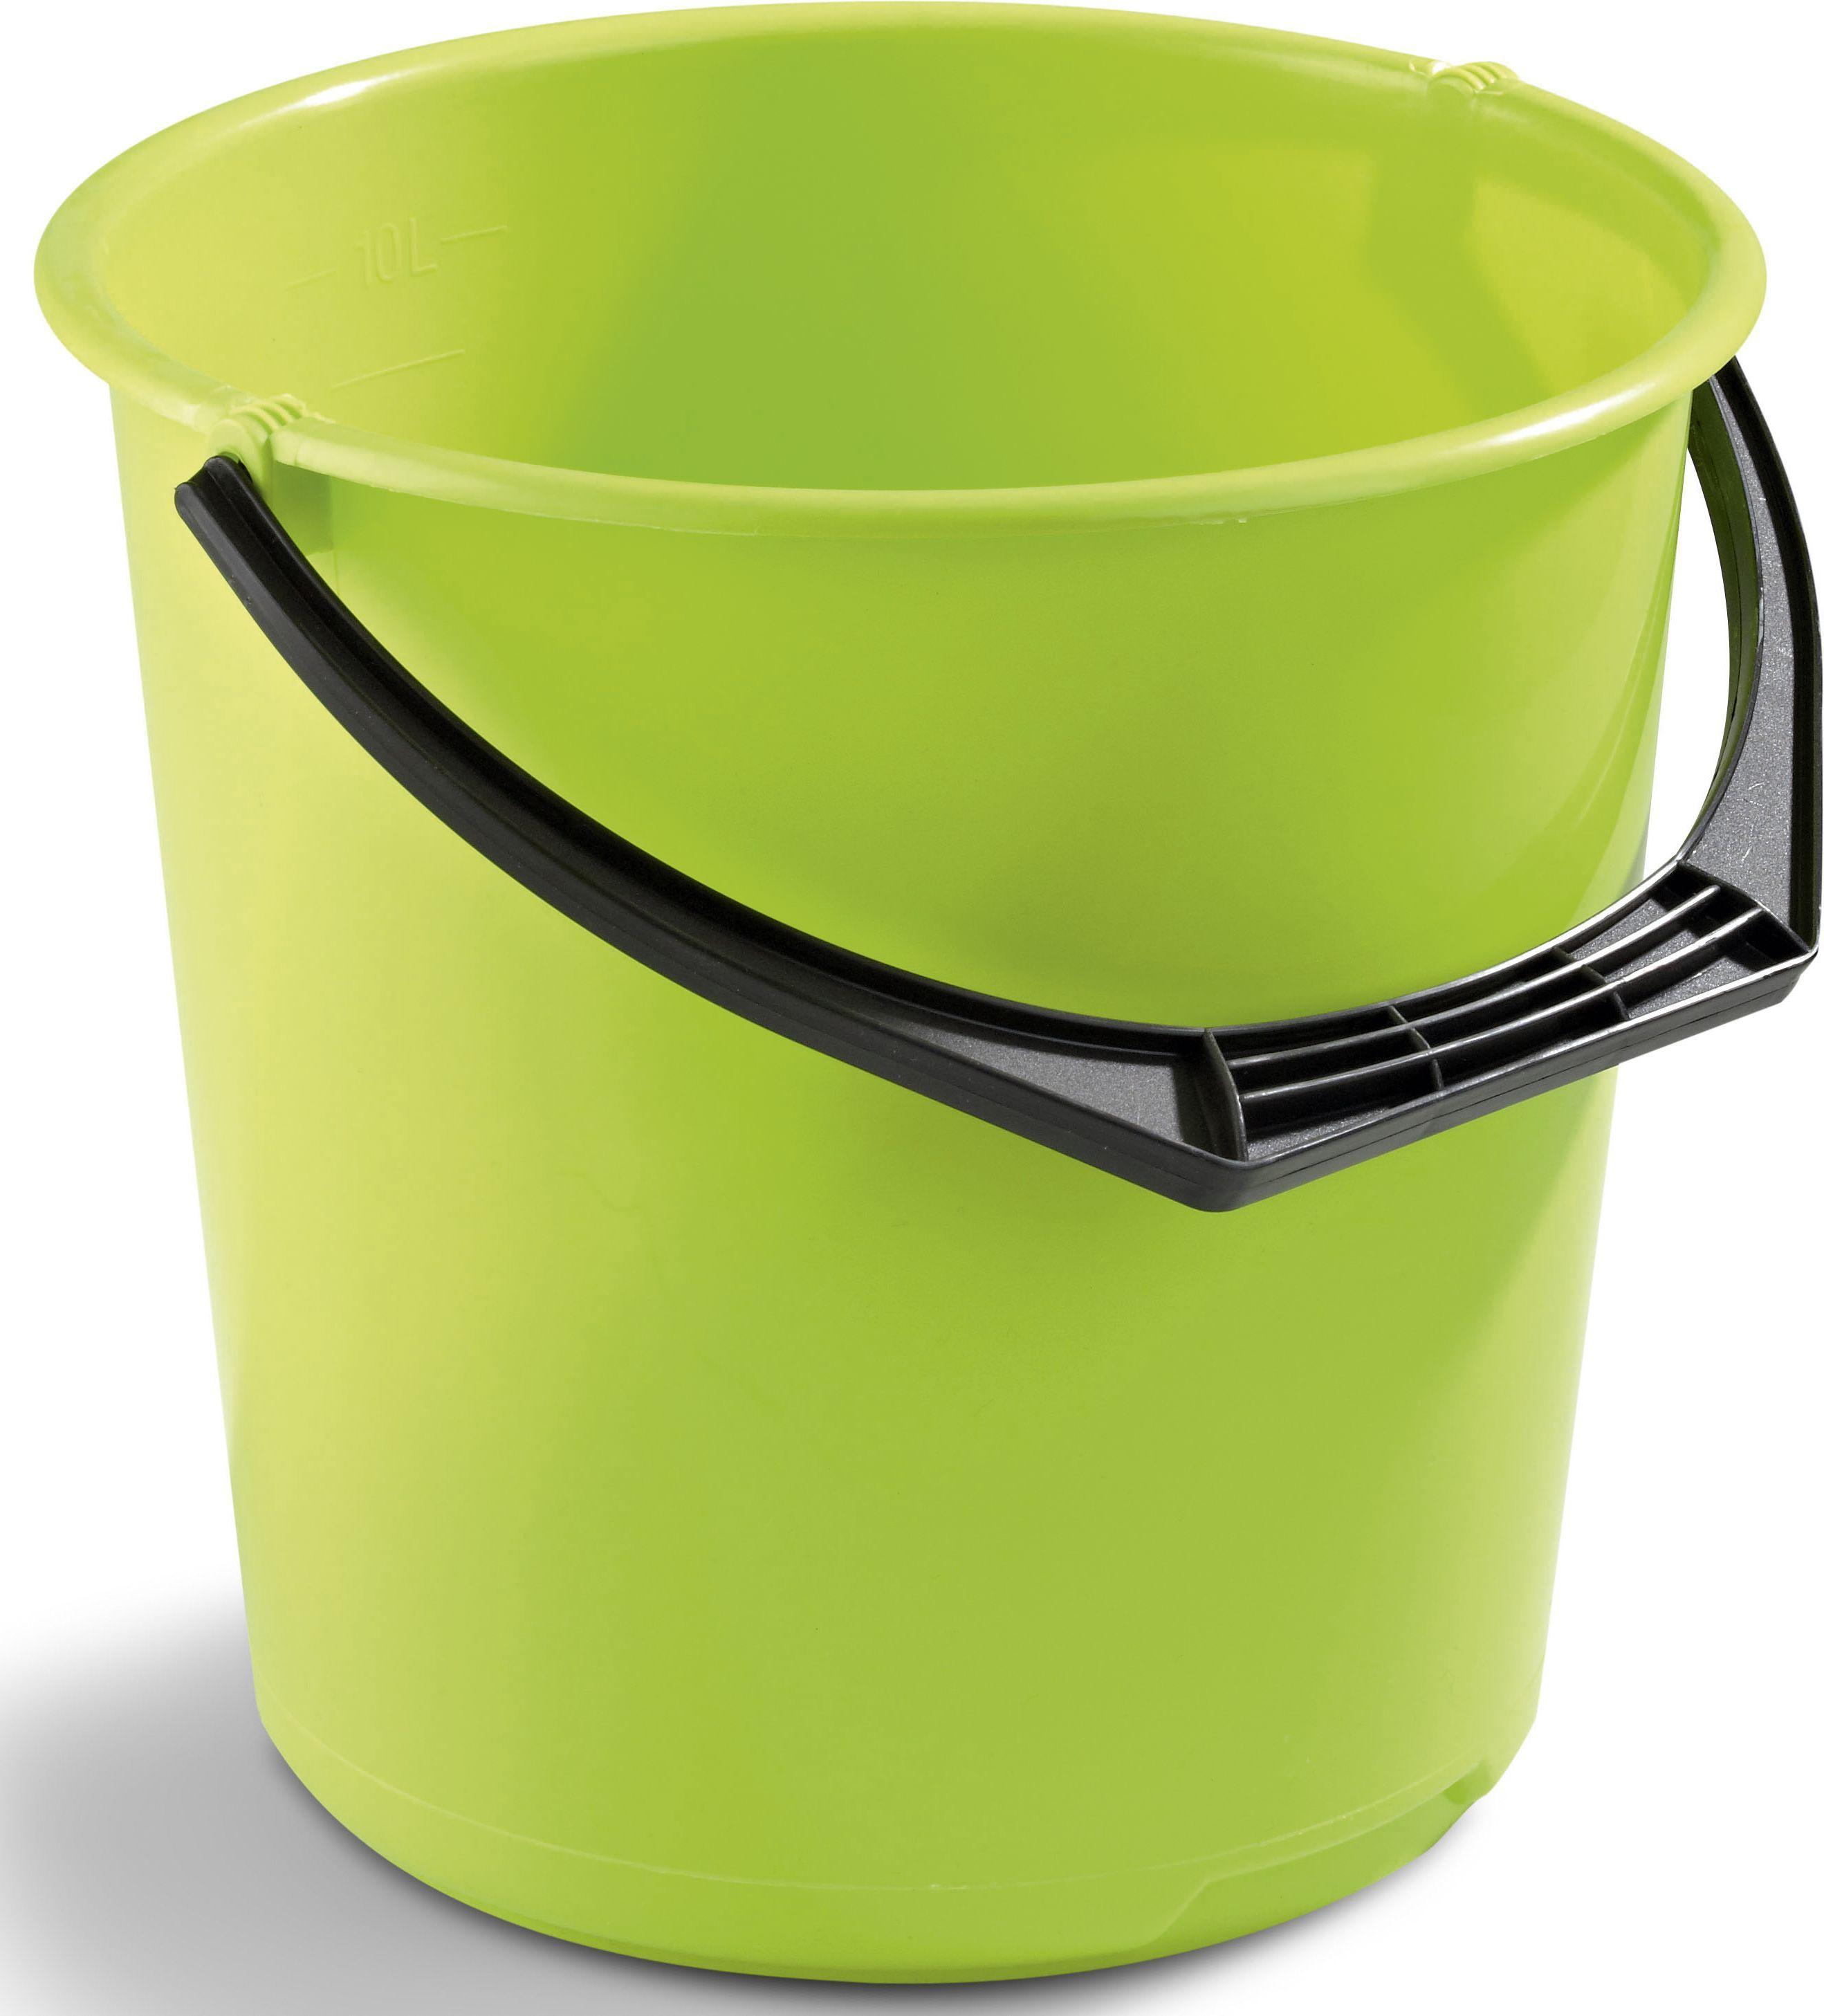 Bøtte plast 10L limegrøn 11110802